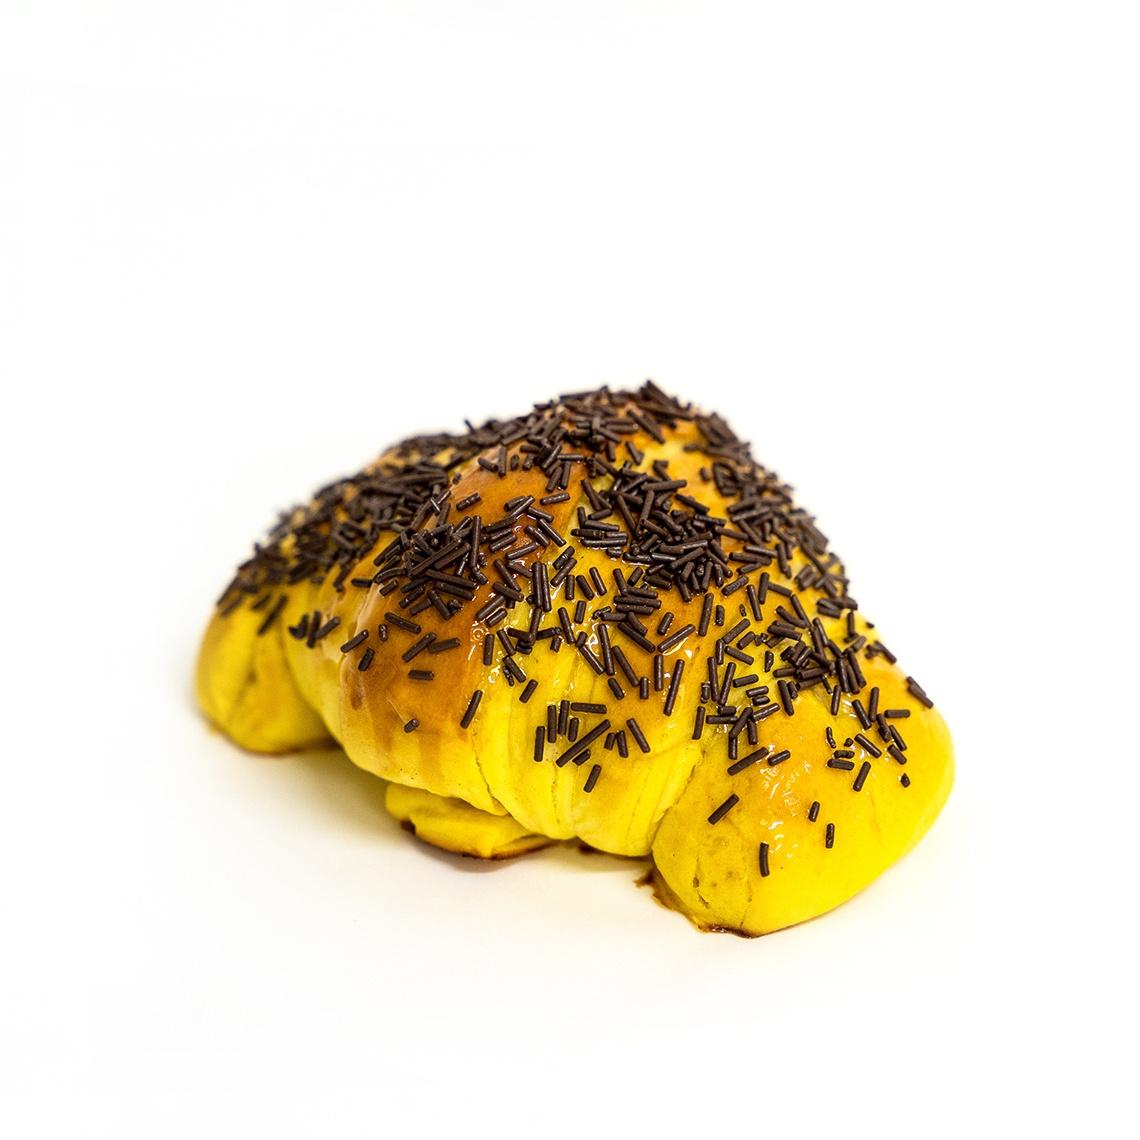 croissant-chocolate-pastelaria-fresca-entrega-casa-cale-confeitaria-tradicional-portuguesa-peniche-caldas-rainha-padaria-pastelaria